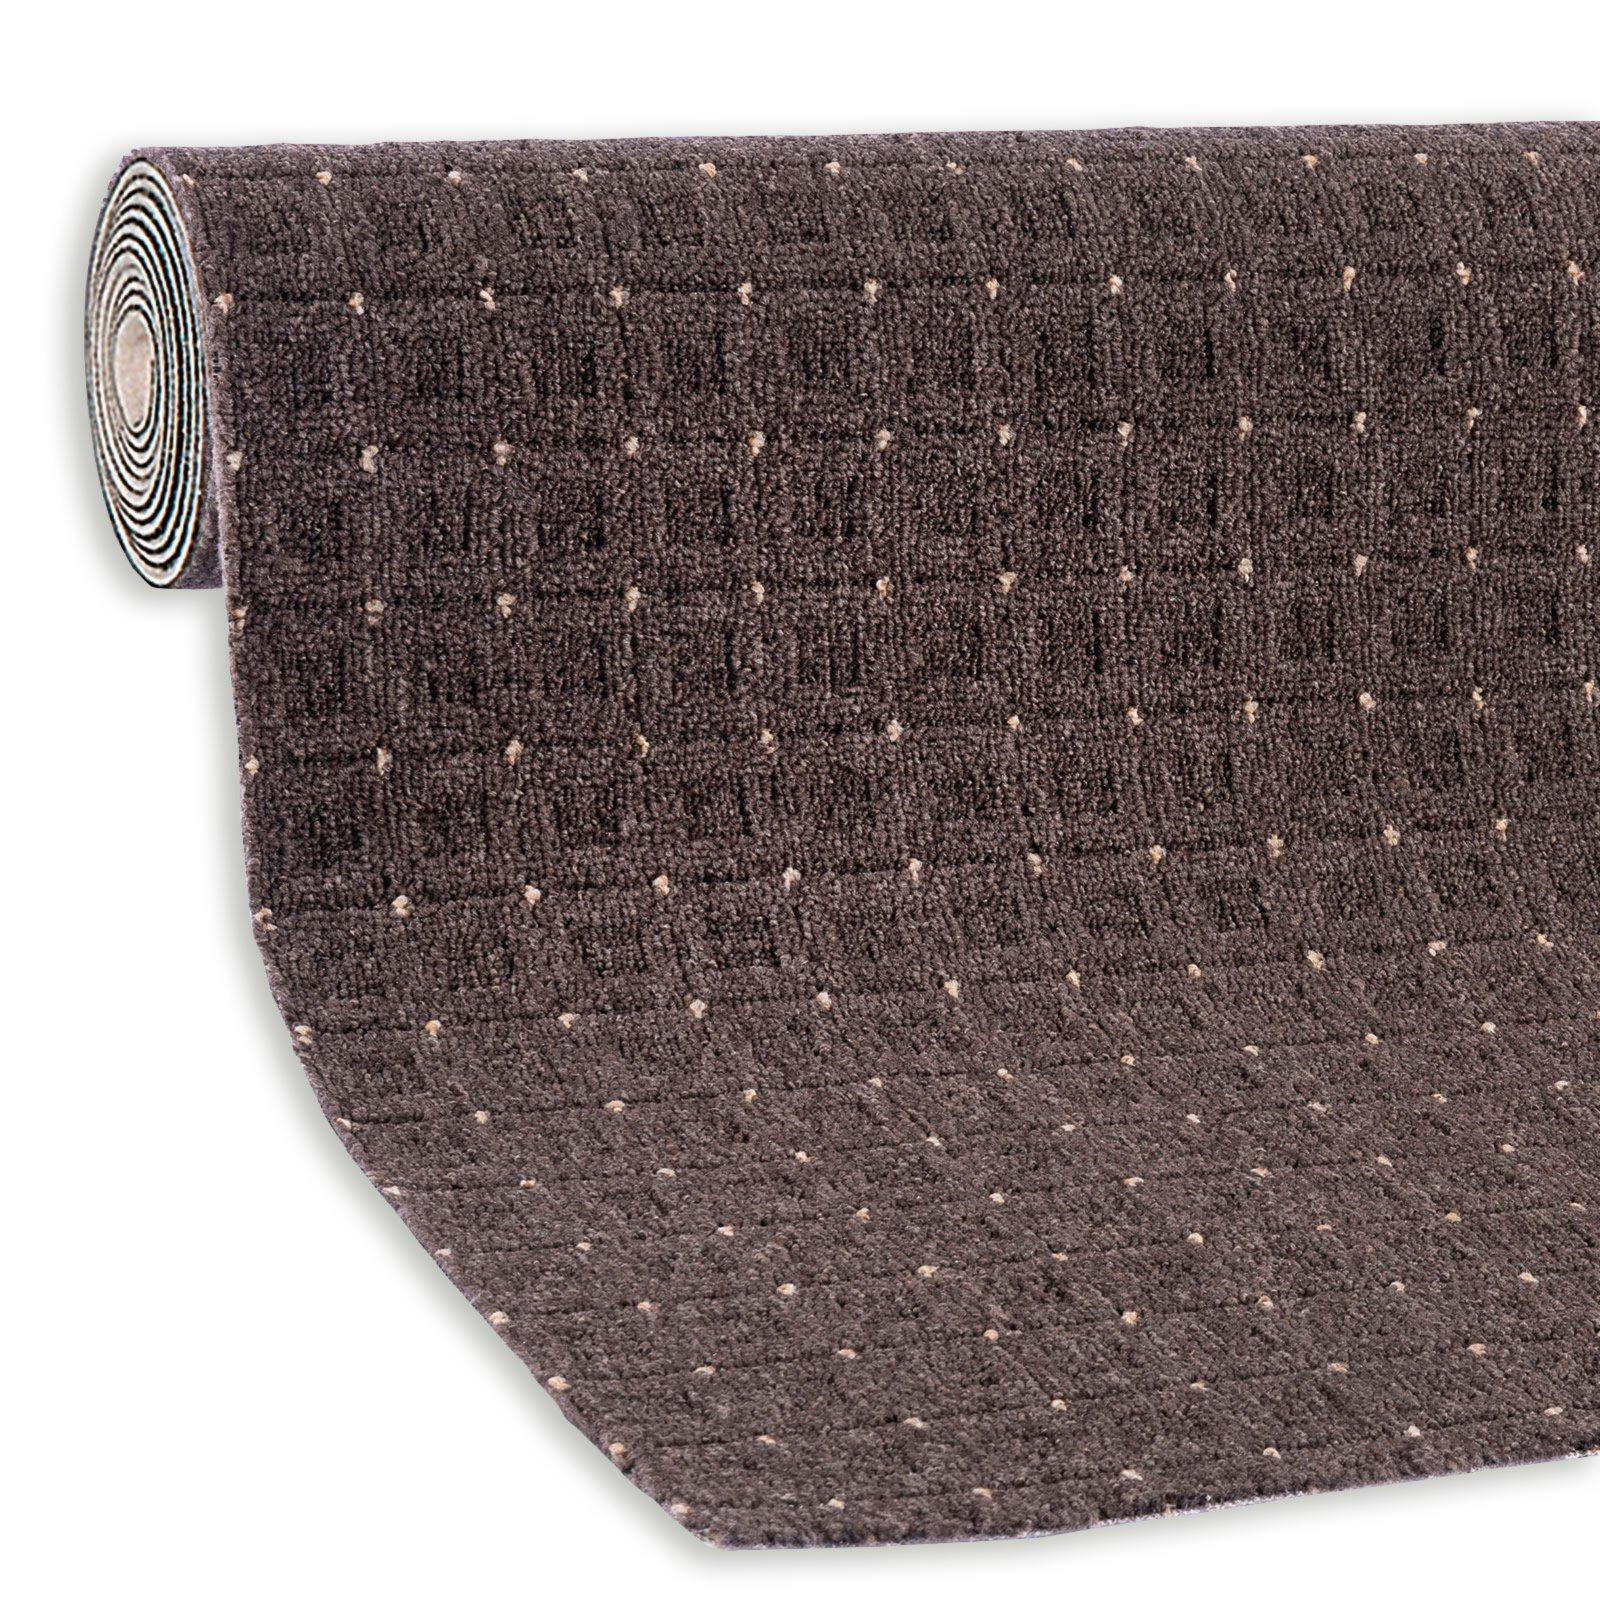 teppichboden trafalgar braun 4 meter breit teppichboden bodenbel ge renovieren. Black Bedroom Furniture Sets. Home Design Ideas